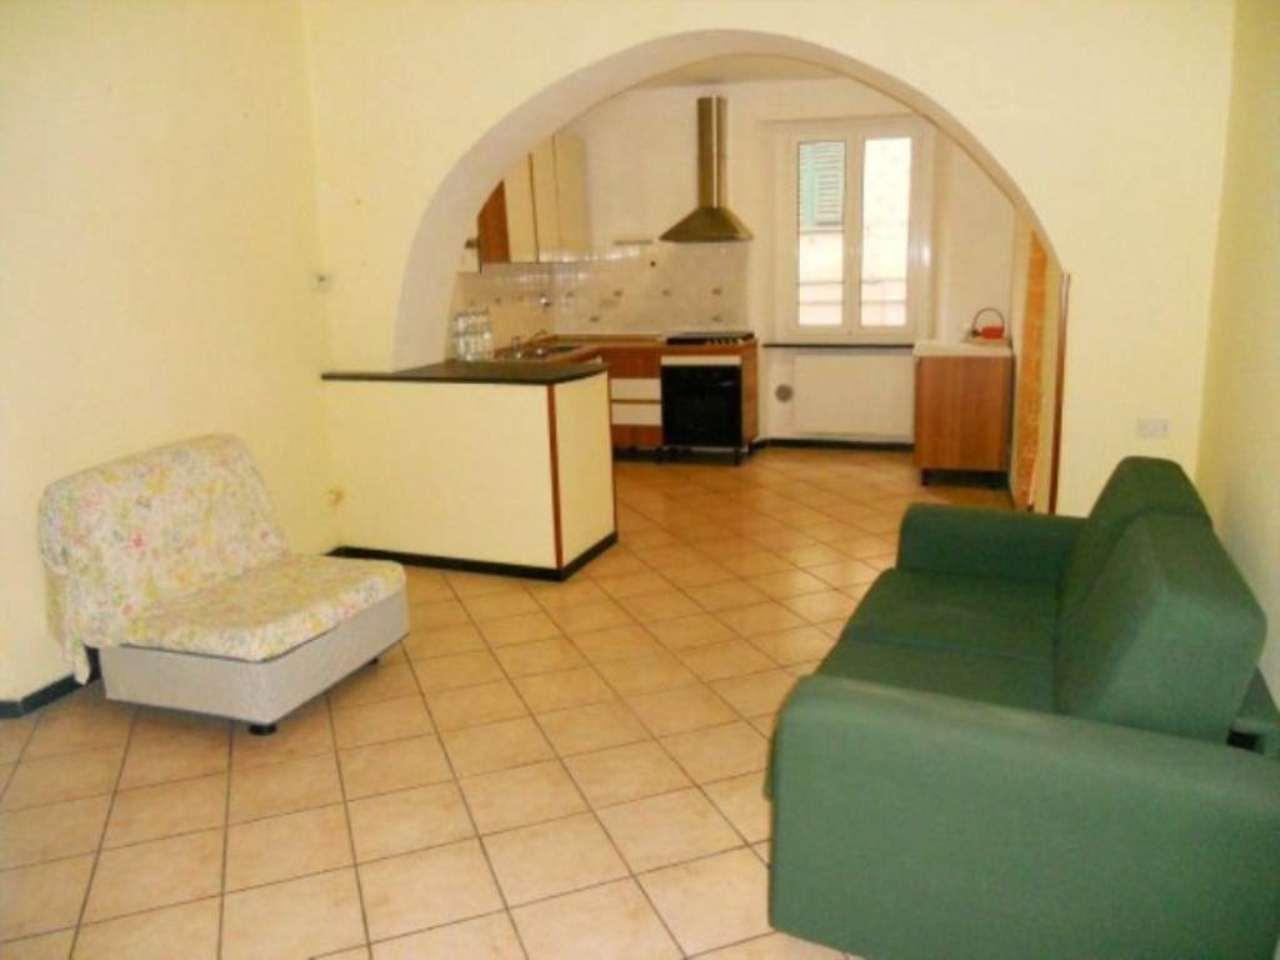 Appartamento in vendita a Cicagna, 4 locali, prezzo € 56.000 | Cambio Casa.it